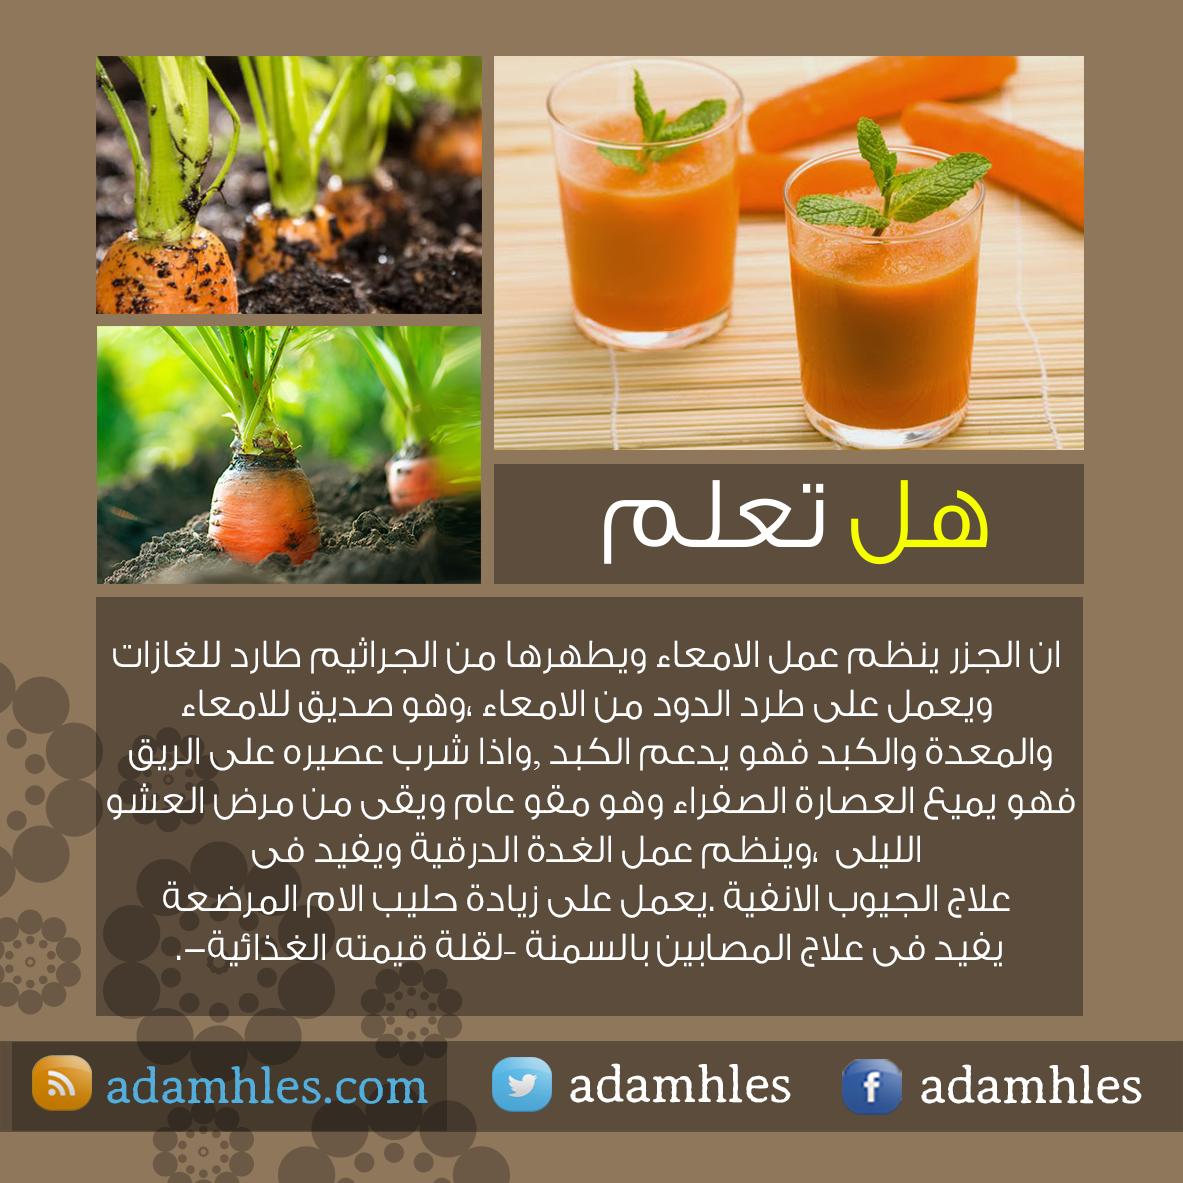 المصمم ادم حلس هل تعلم عن الجزر Natural Remedies Food And Drink Health